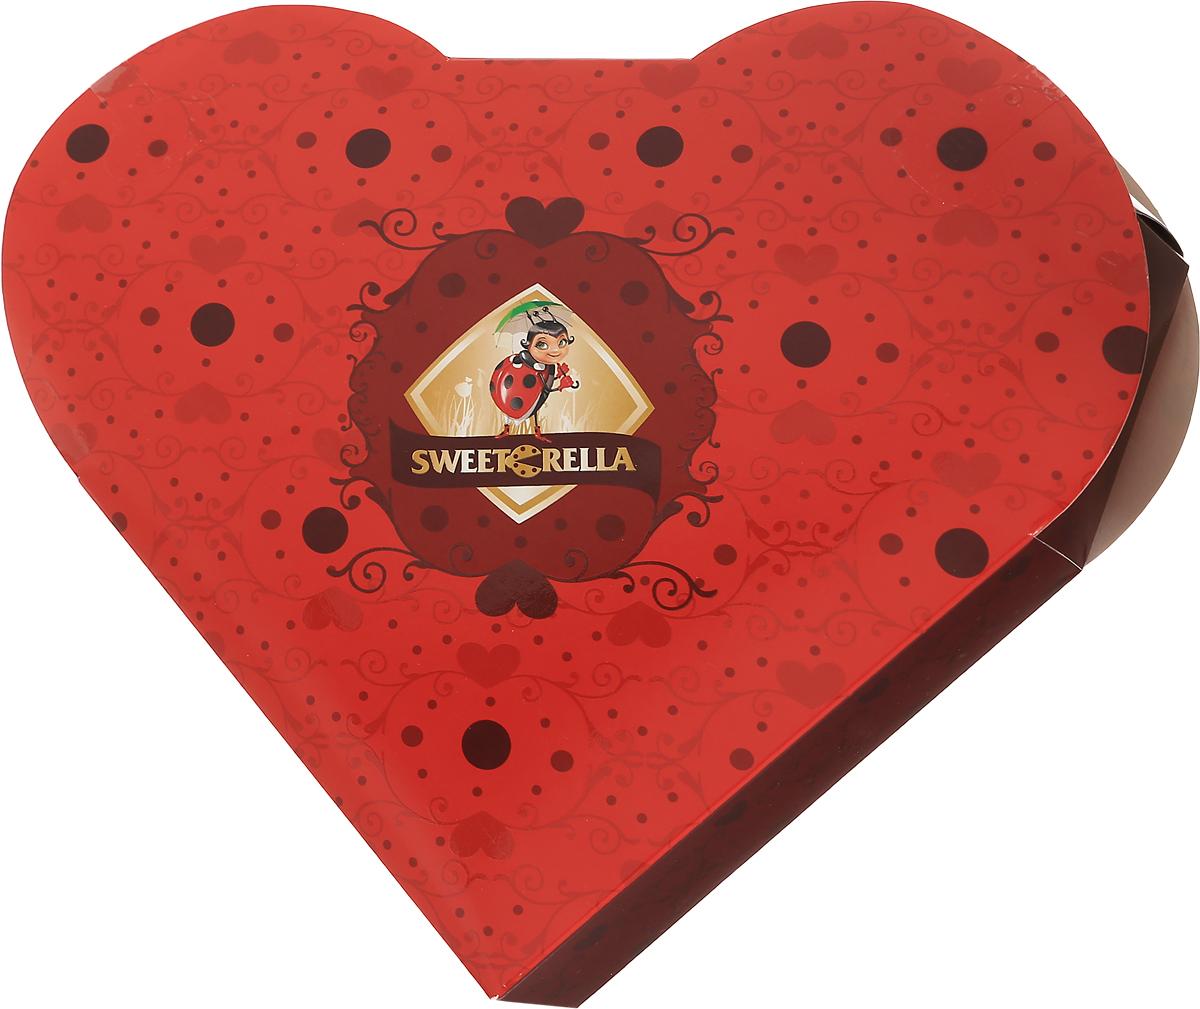 Sweeterella набор шоколадных конфет пламенное сердце, 170 г sweeterella конфеты домик счастья 170 г